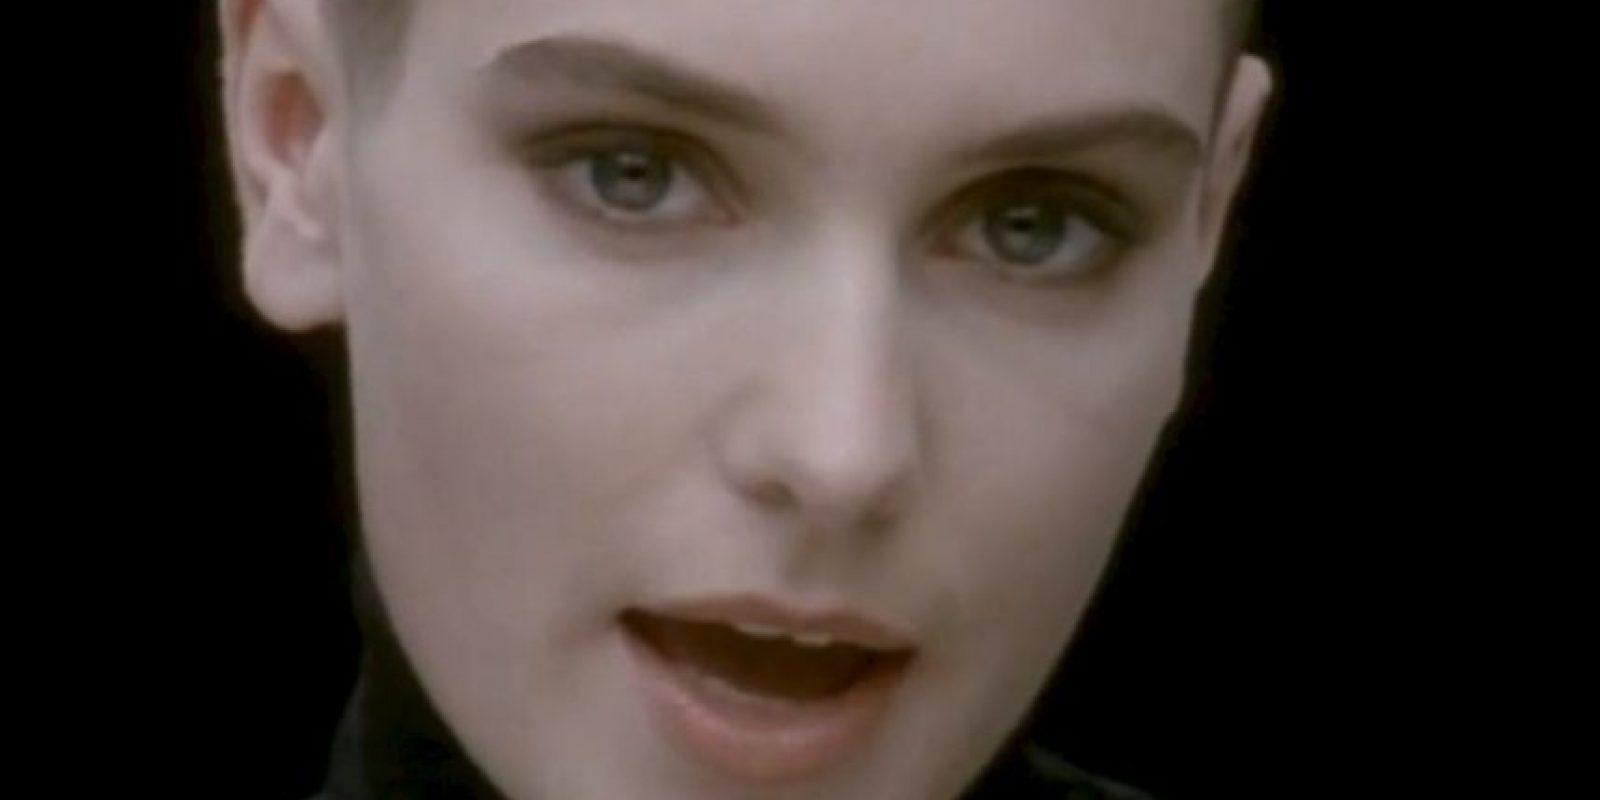 """Famosa por: Canciones de los 90 como """"Nothing compares 2u"""". Foto:Captura de pantalla"""